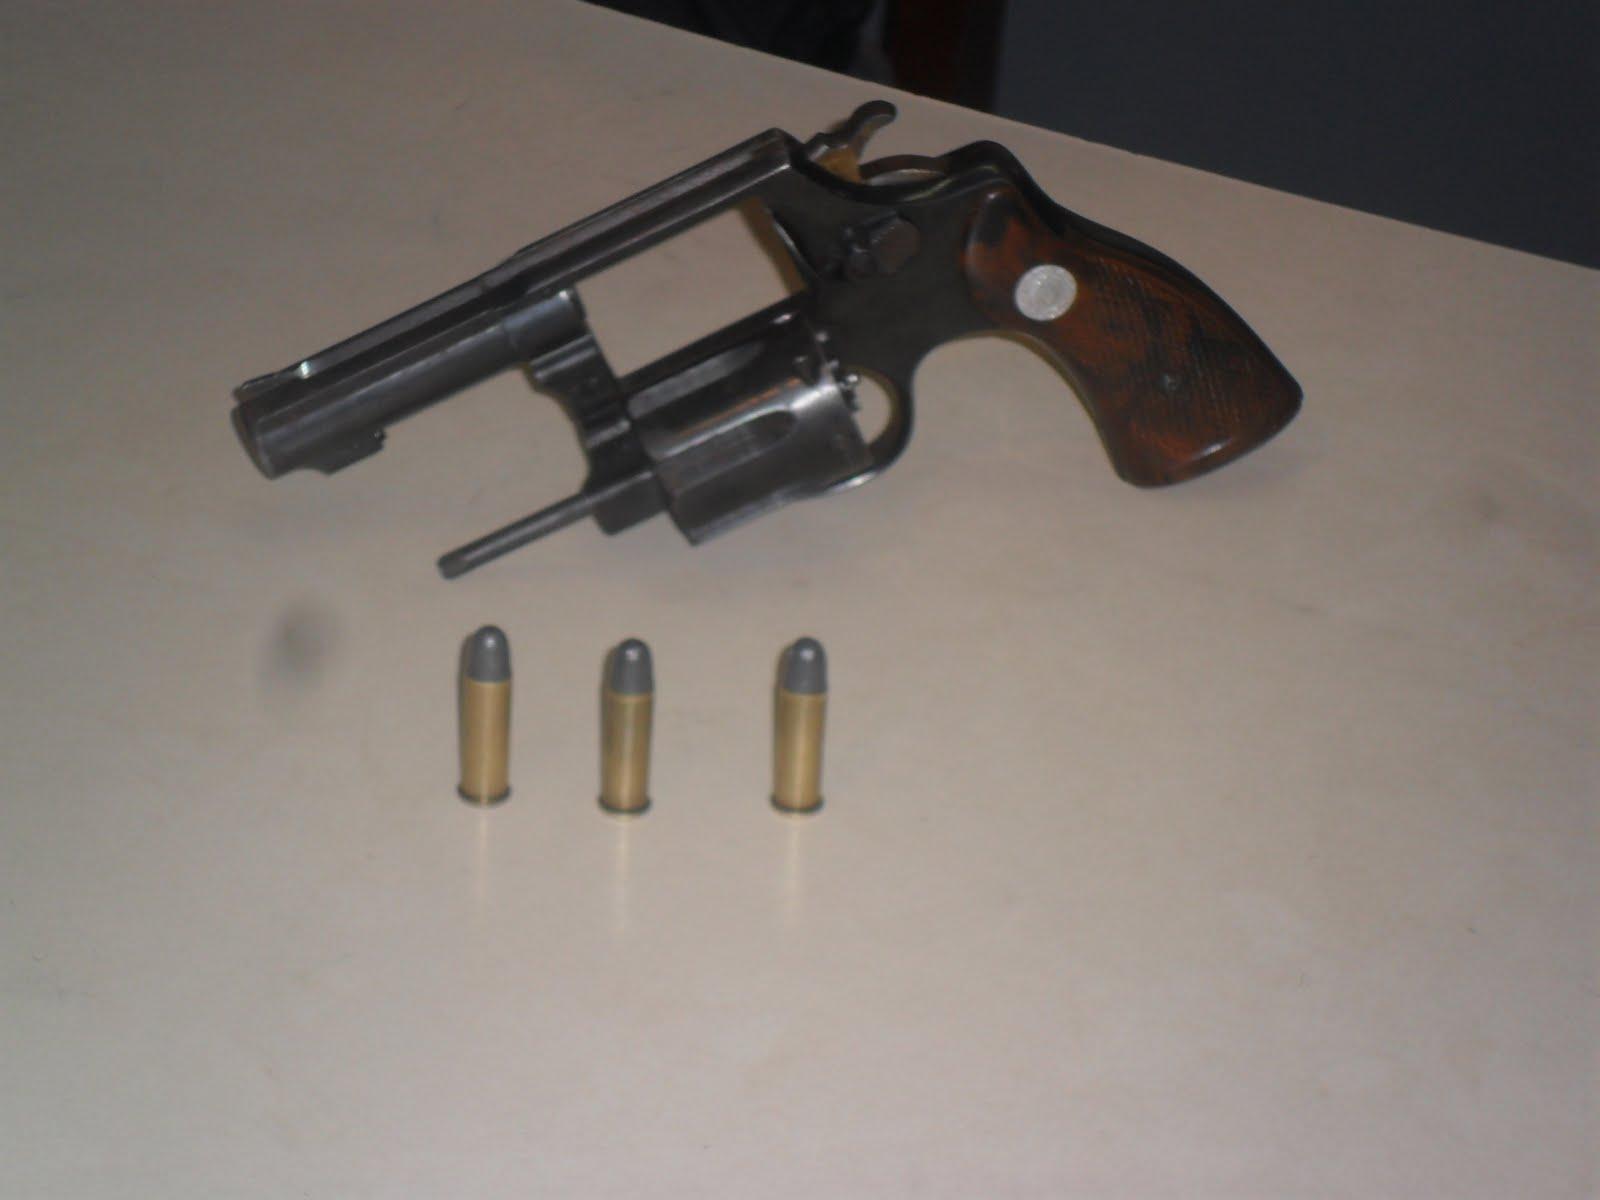 Porte ilegal de arma de fogo for Uso e porte de arma